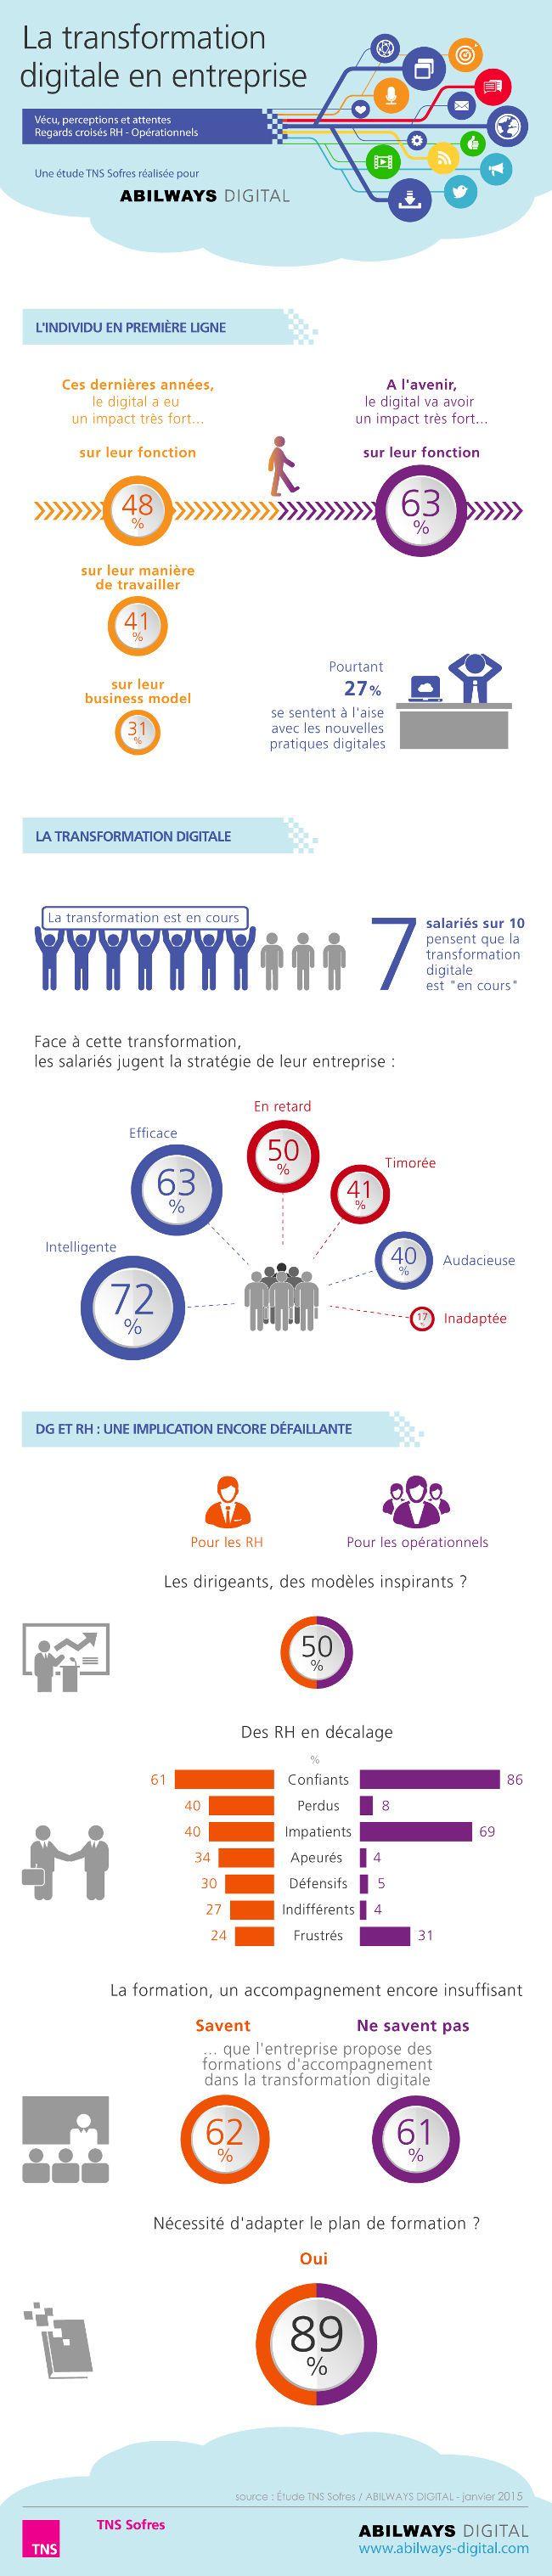 Infographie : Près de 9 salariés sur 10 considèrent le numérique comme une opportunité pour leur entreprise